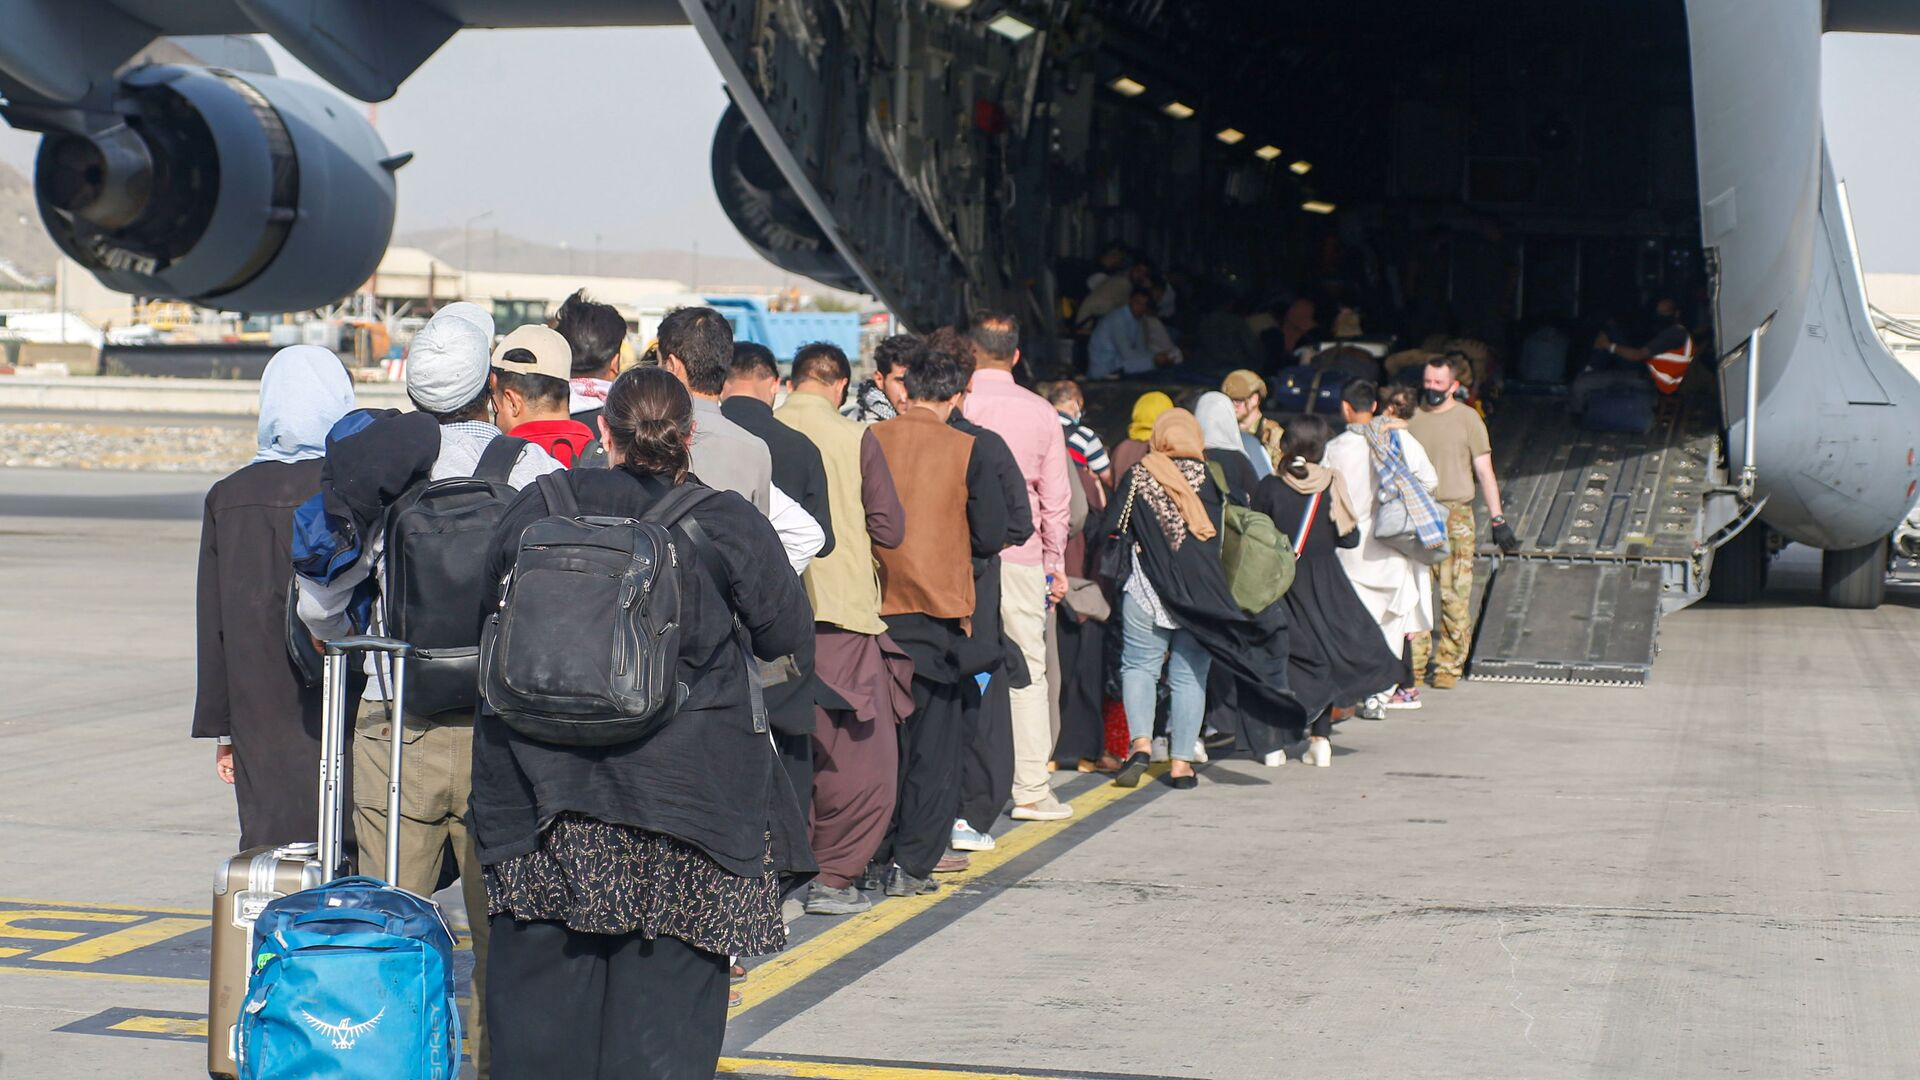 Afghánští uprchlíci při přistání letadla C-17 Globemaster III amerického letectva na mezinárodním letišti Hamída Karzáího v Kábulu - Sputnik Česká republika, 1920, 26.08.2021